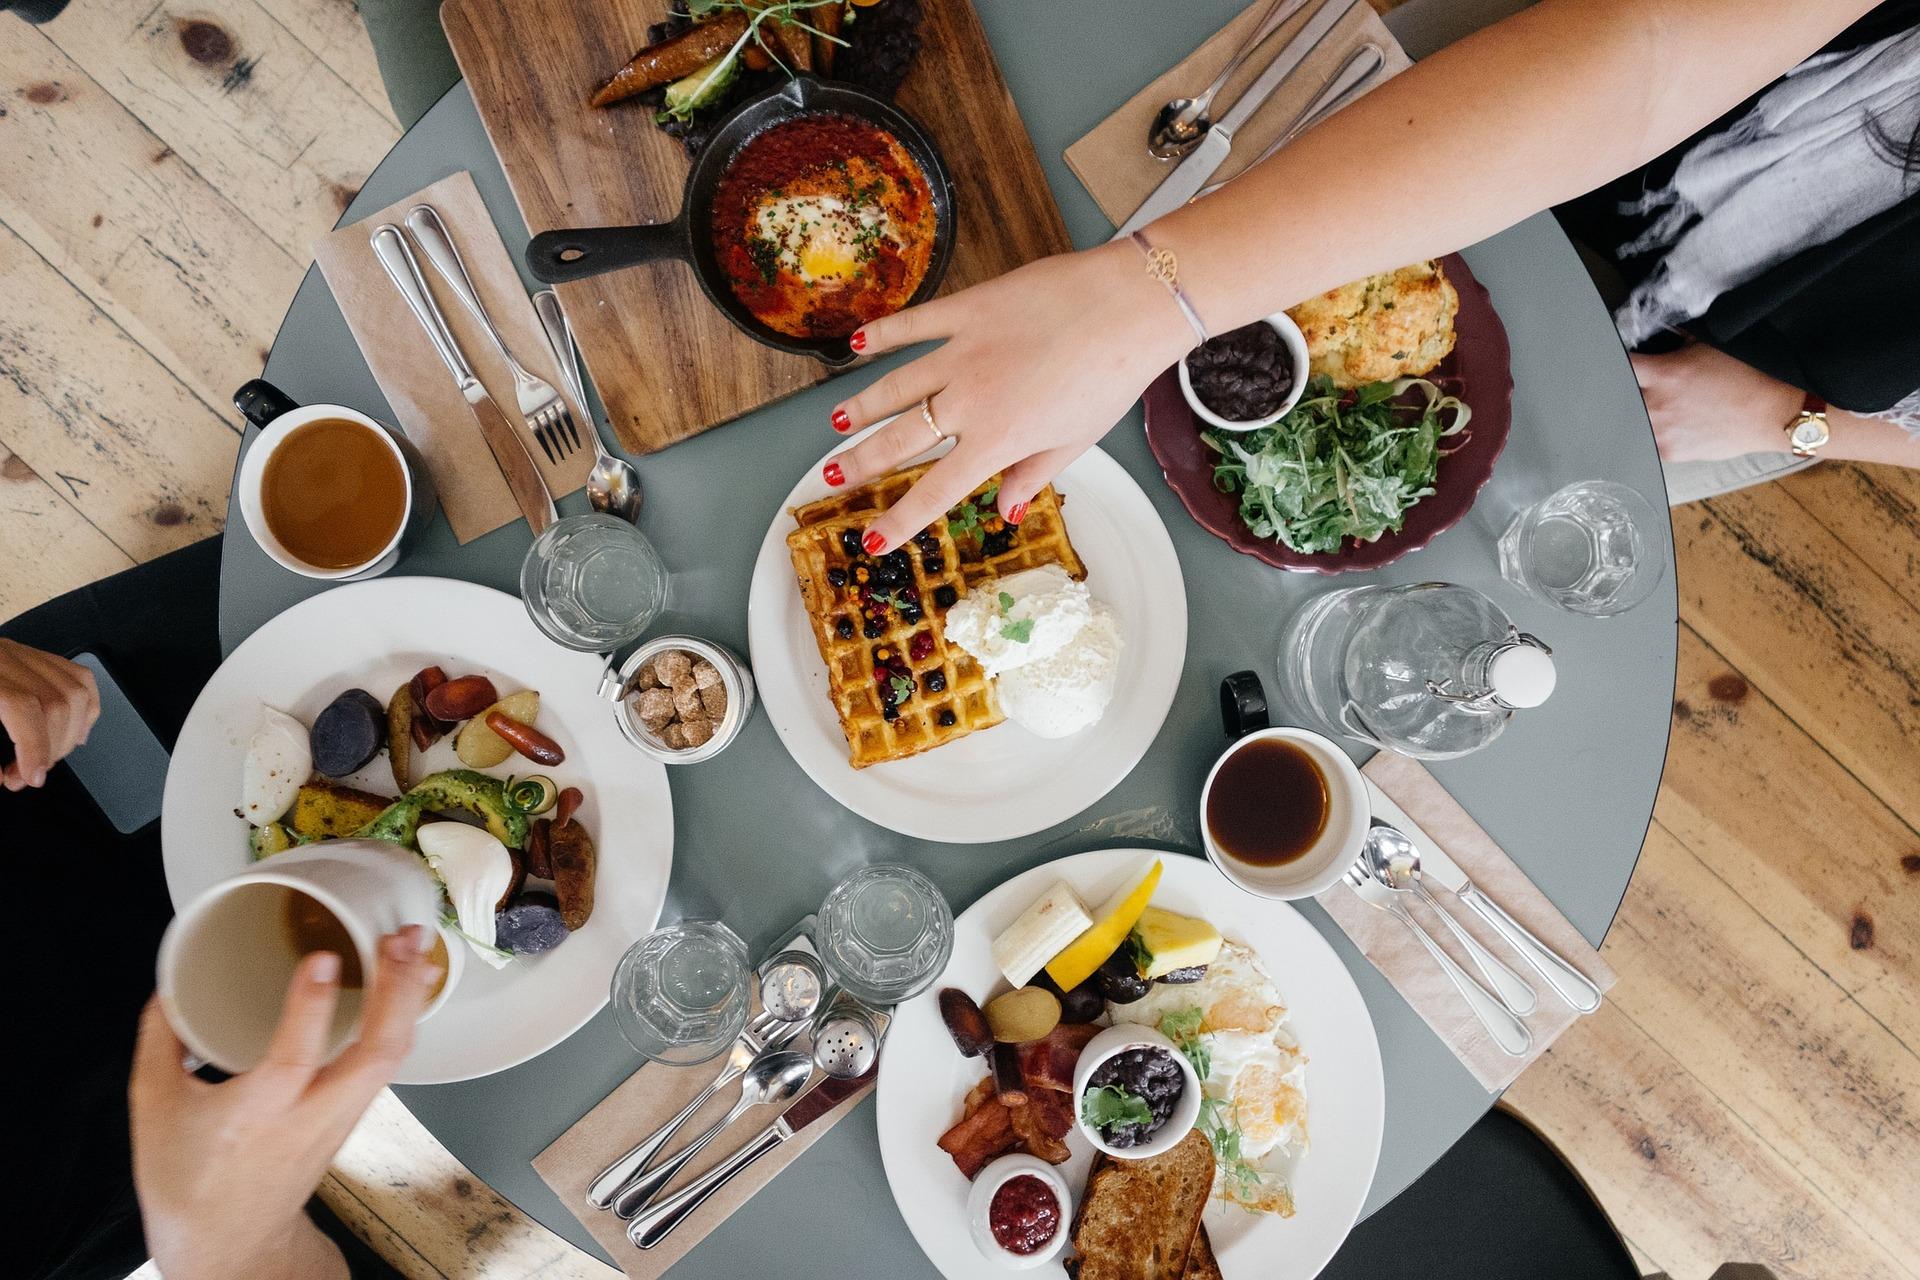 不注意養成4種飲食壞習慣 小心健康隨「石」出問題